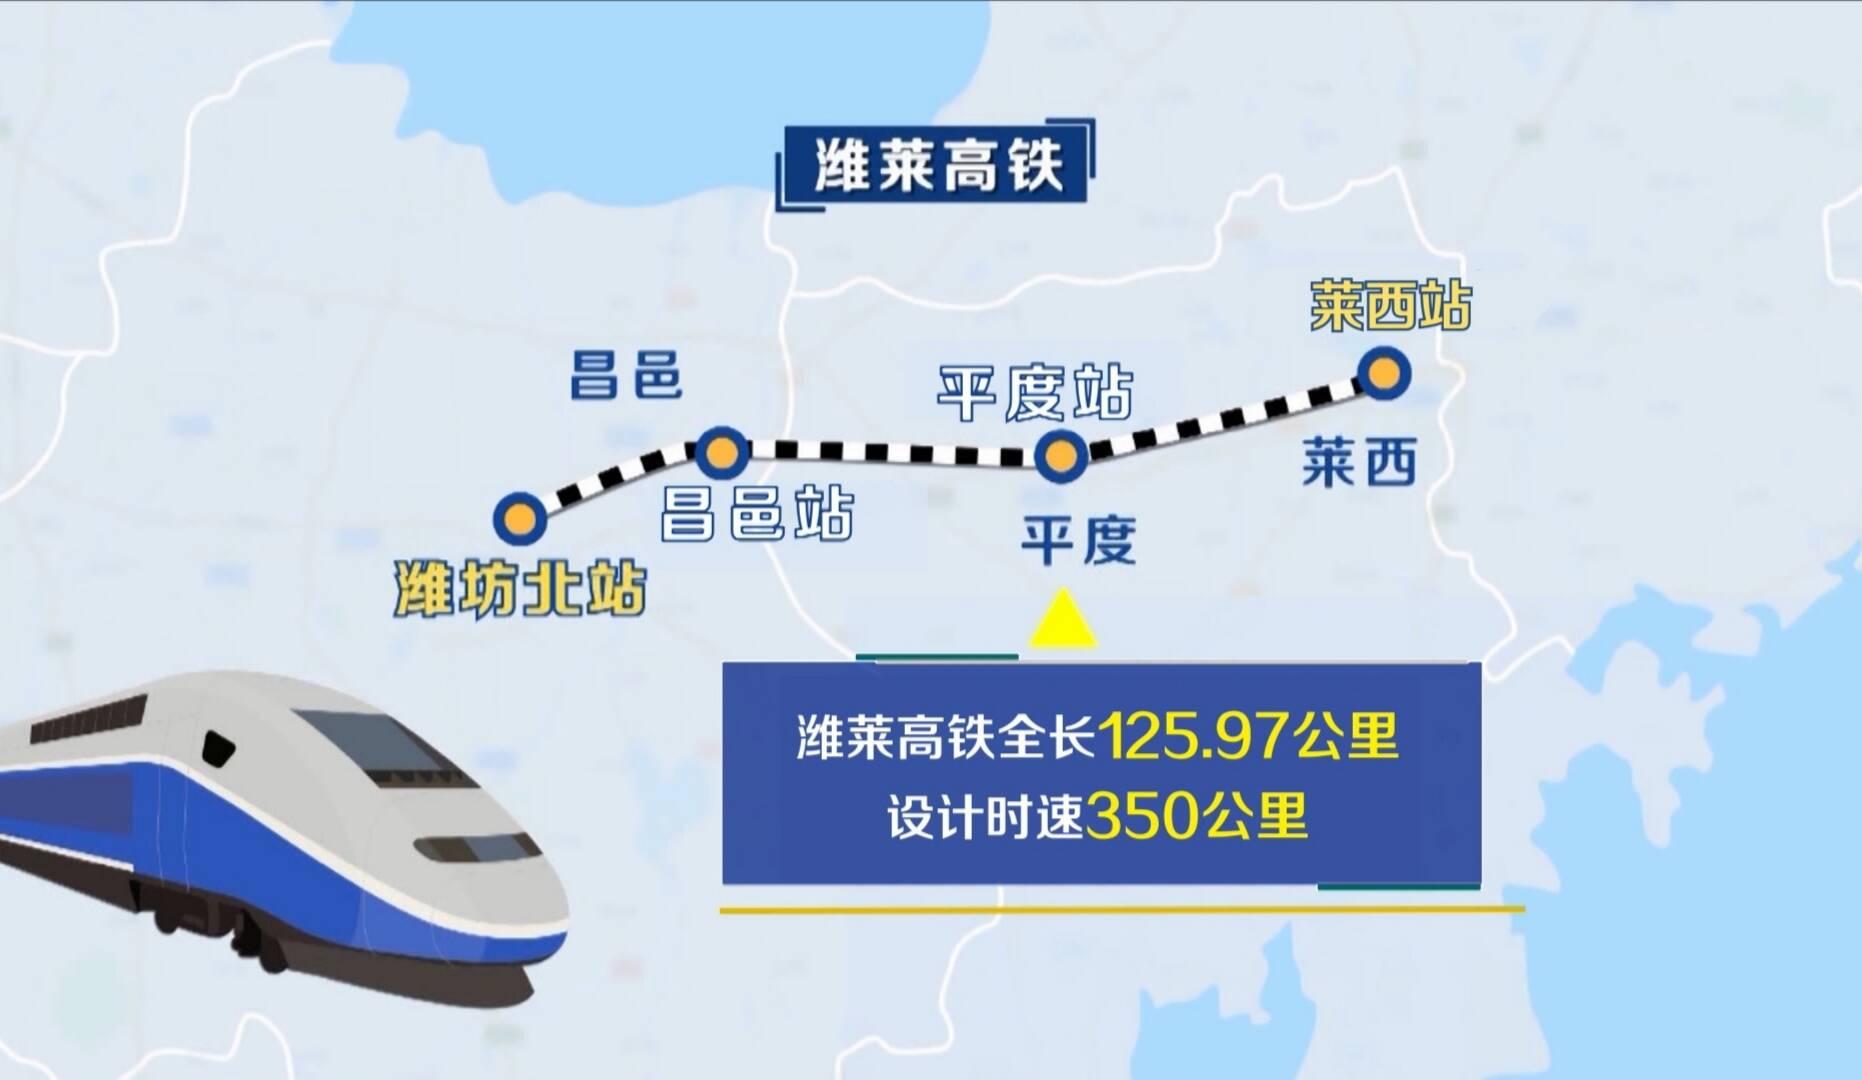 济南至烟台再提速 两小时内直达 潍莱高铁26日通车